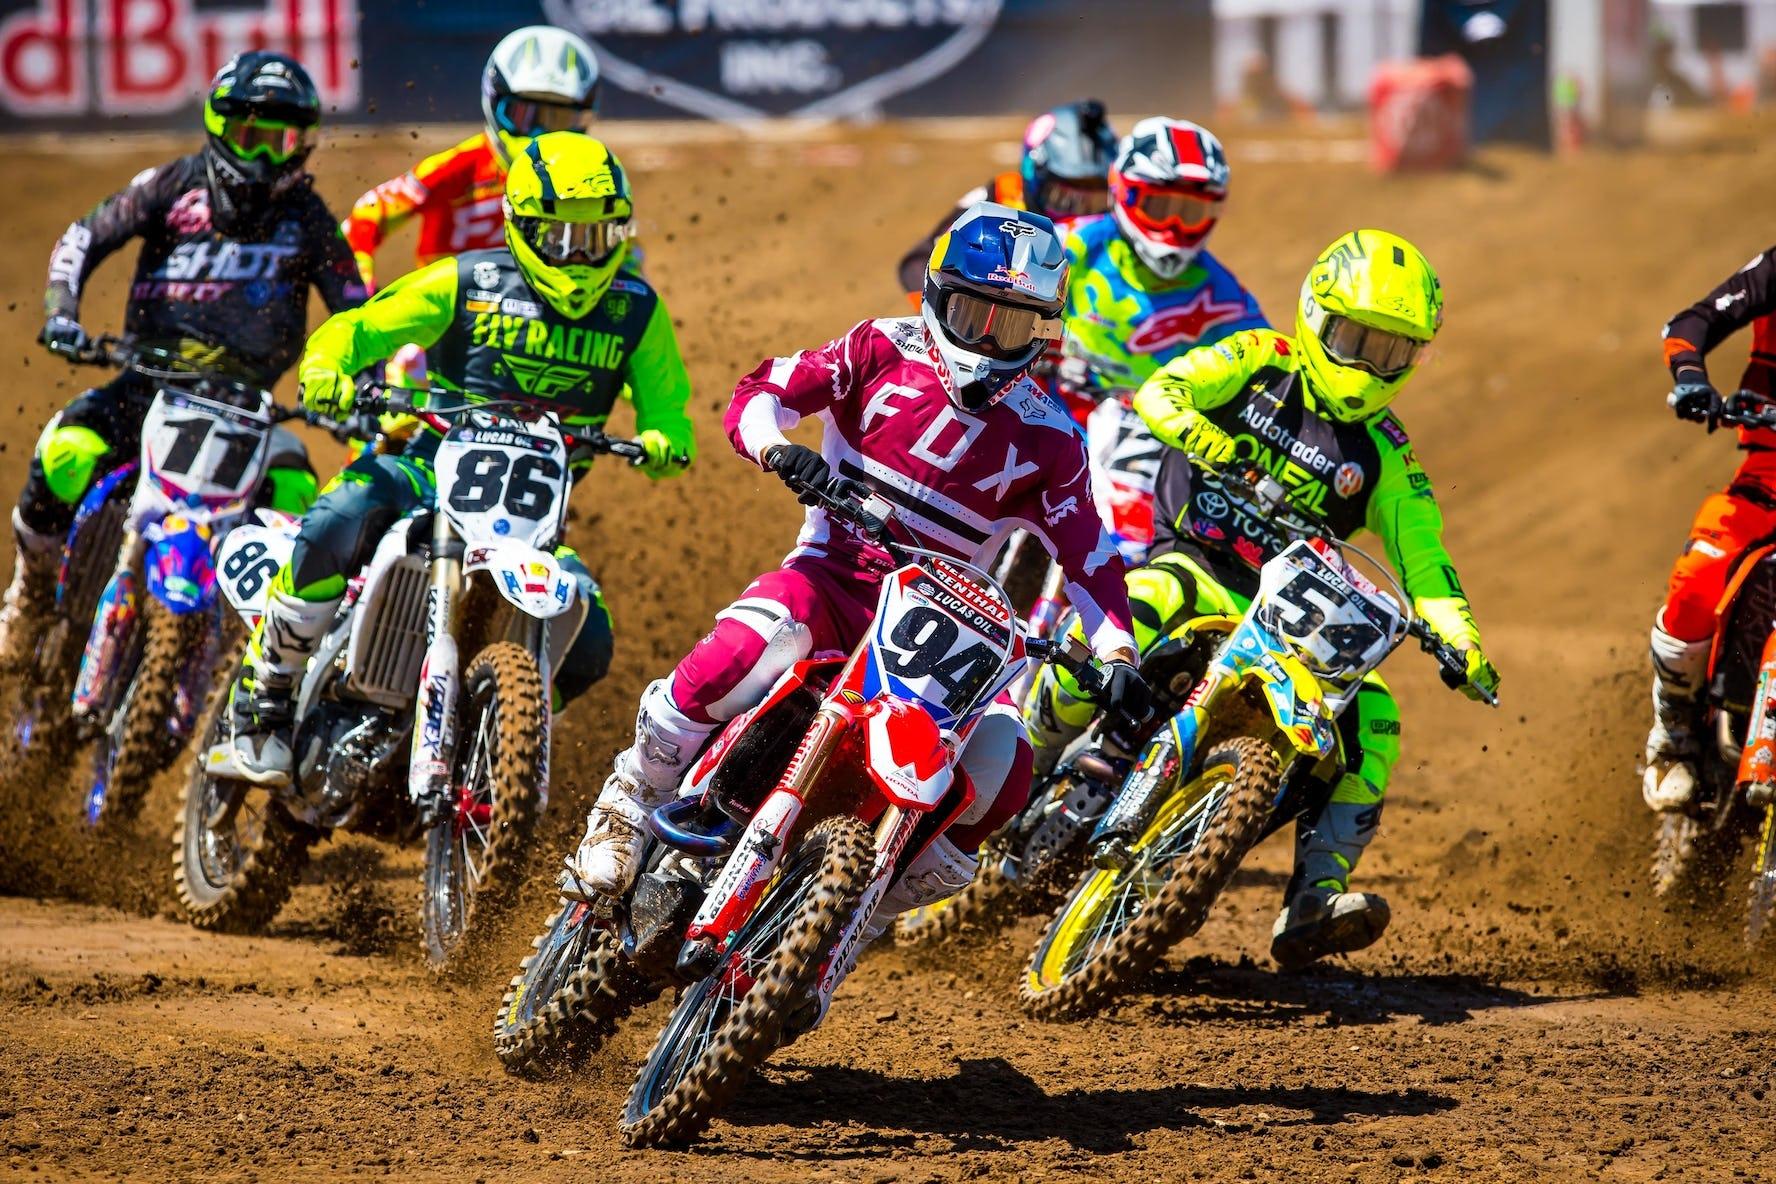 Mxgp Calendario 2020.2019 Lucas Oil Pro Motocross Schedule Announced Racer X Online